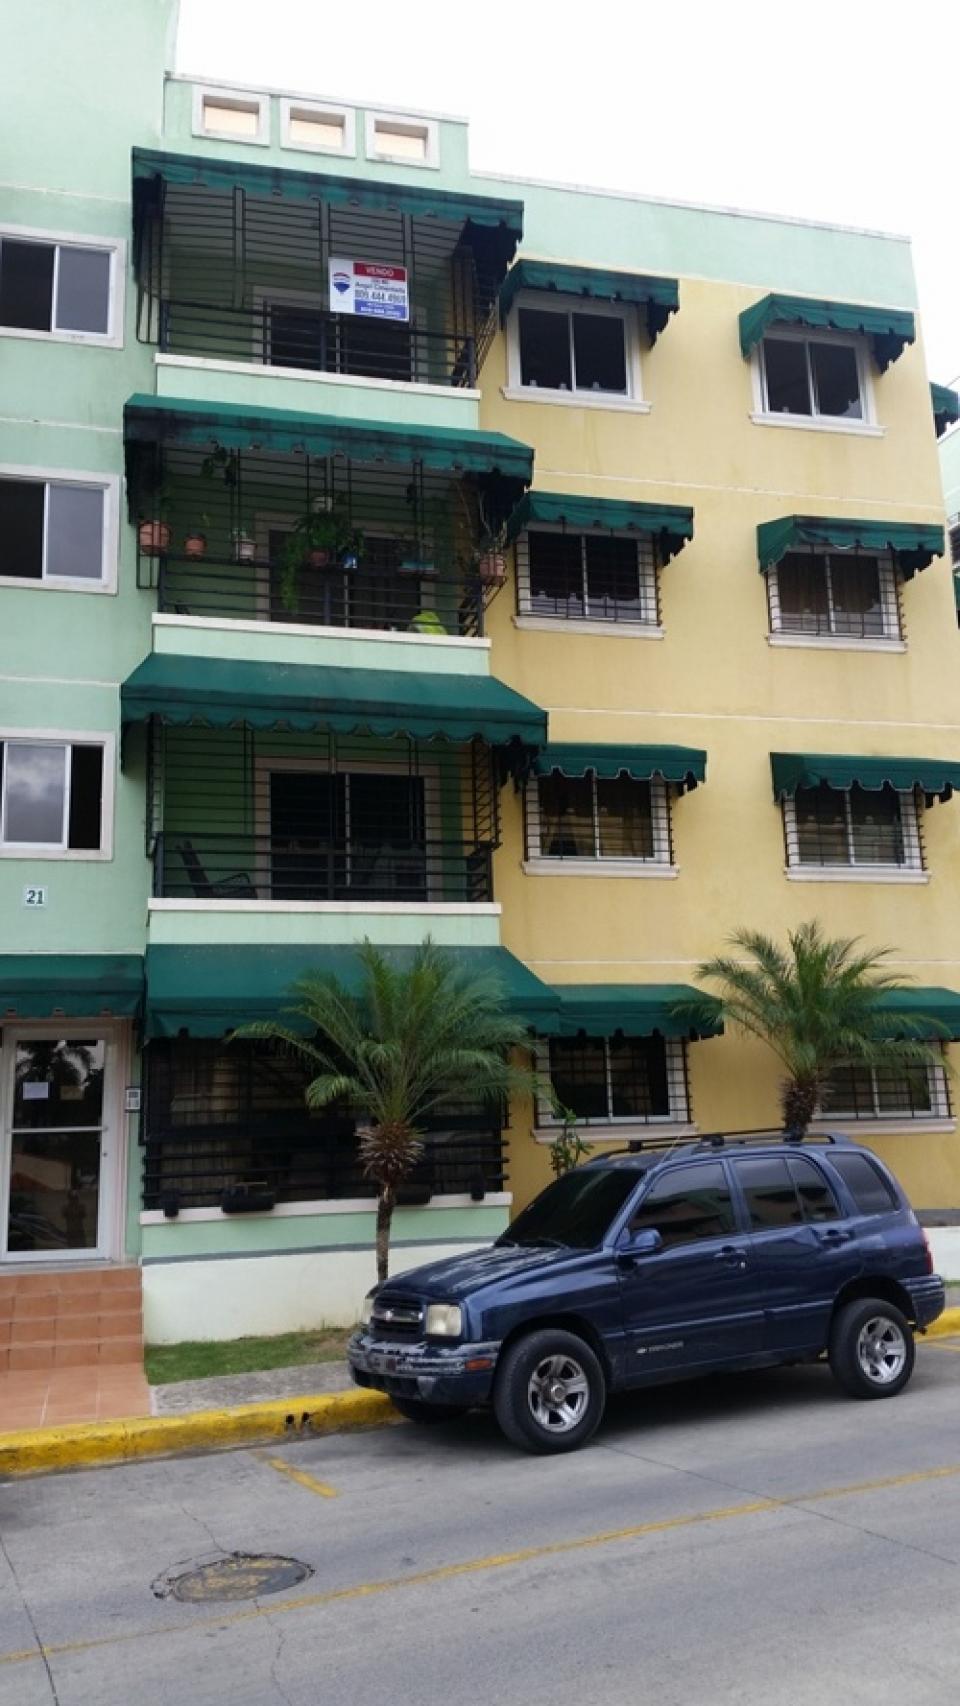 Apartamento en venta en el sector DON HONORIO precio RD$ 2,750,000.00 RD$2,750,000